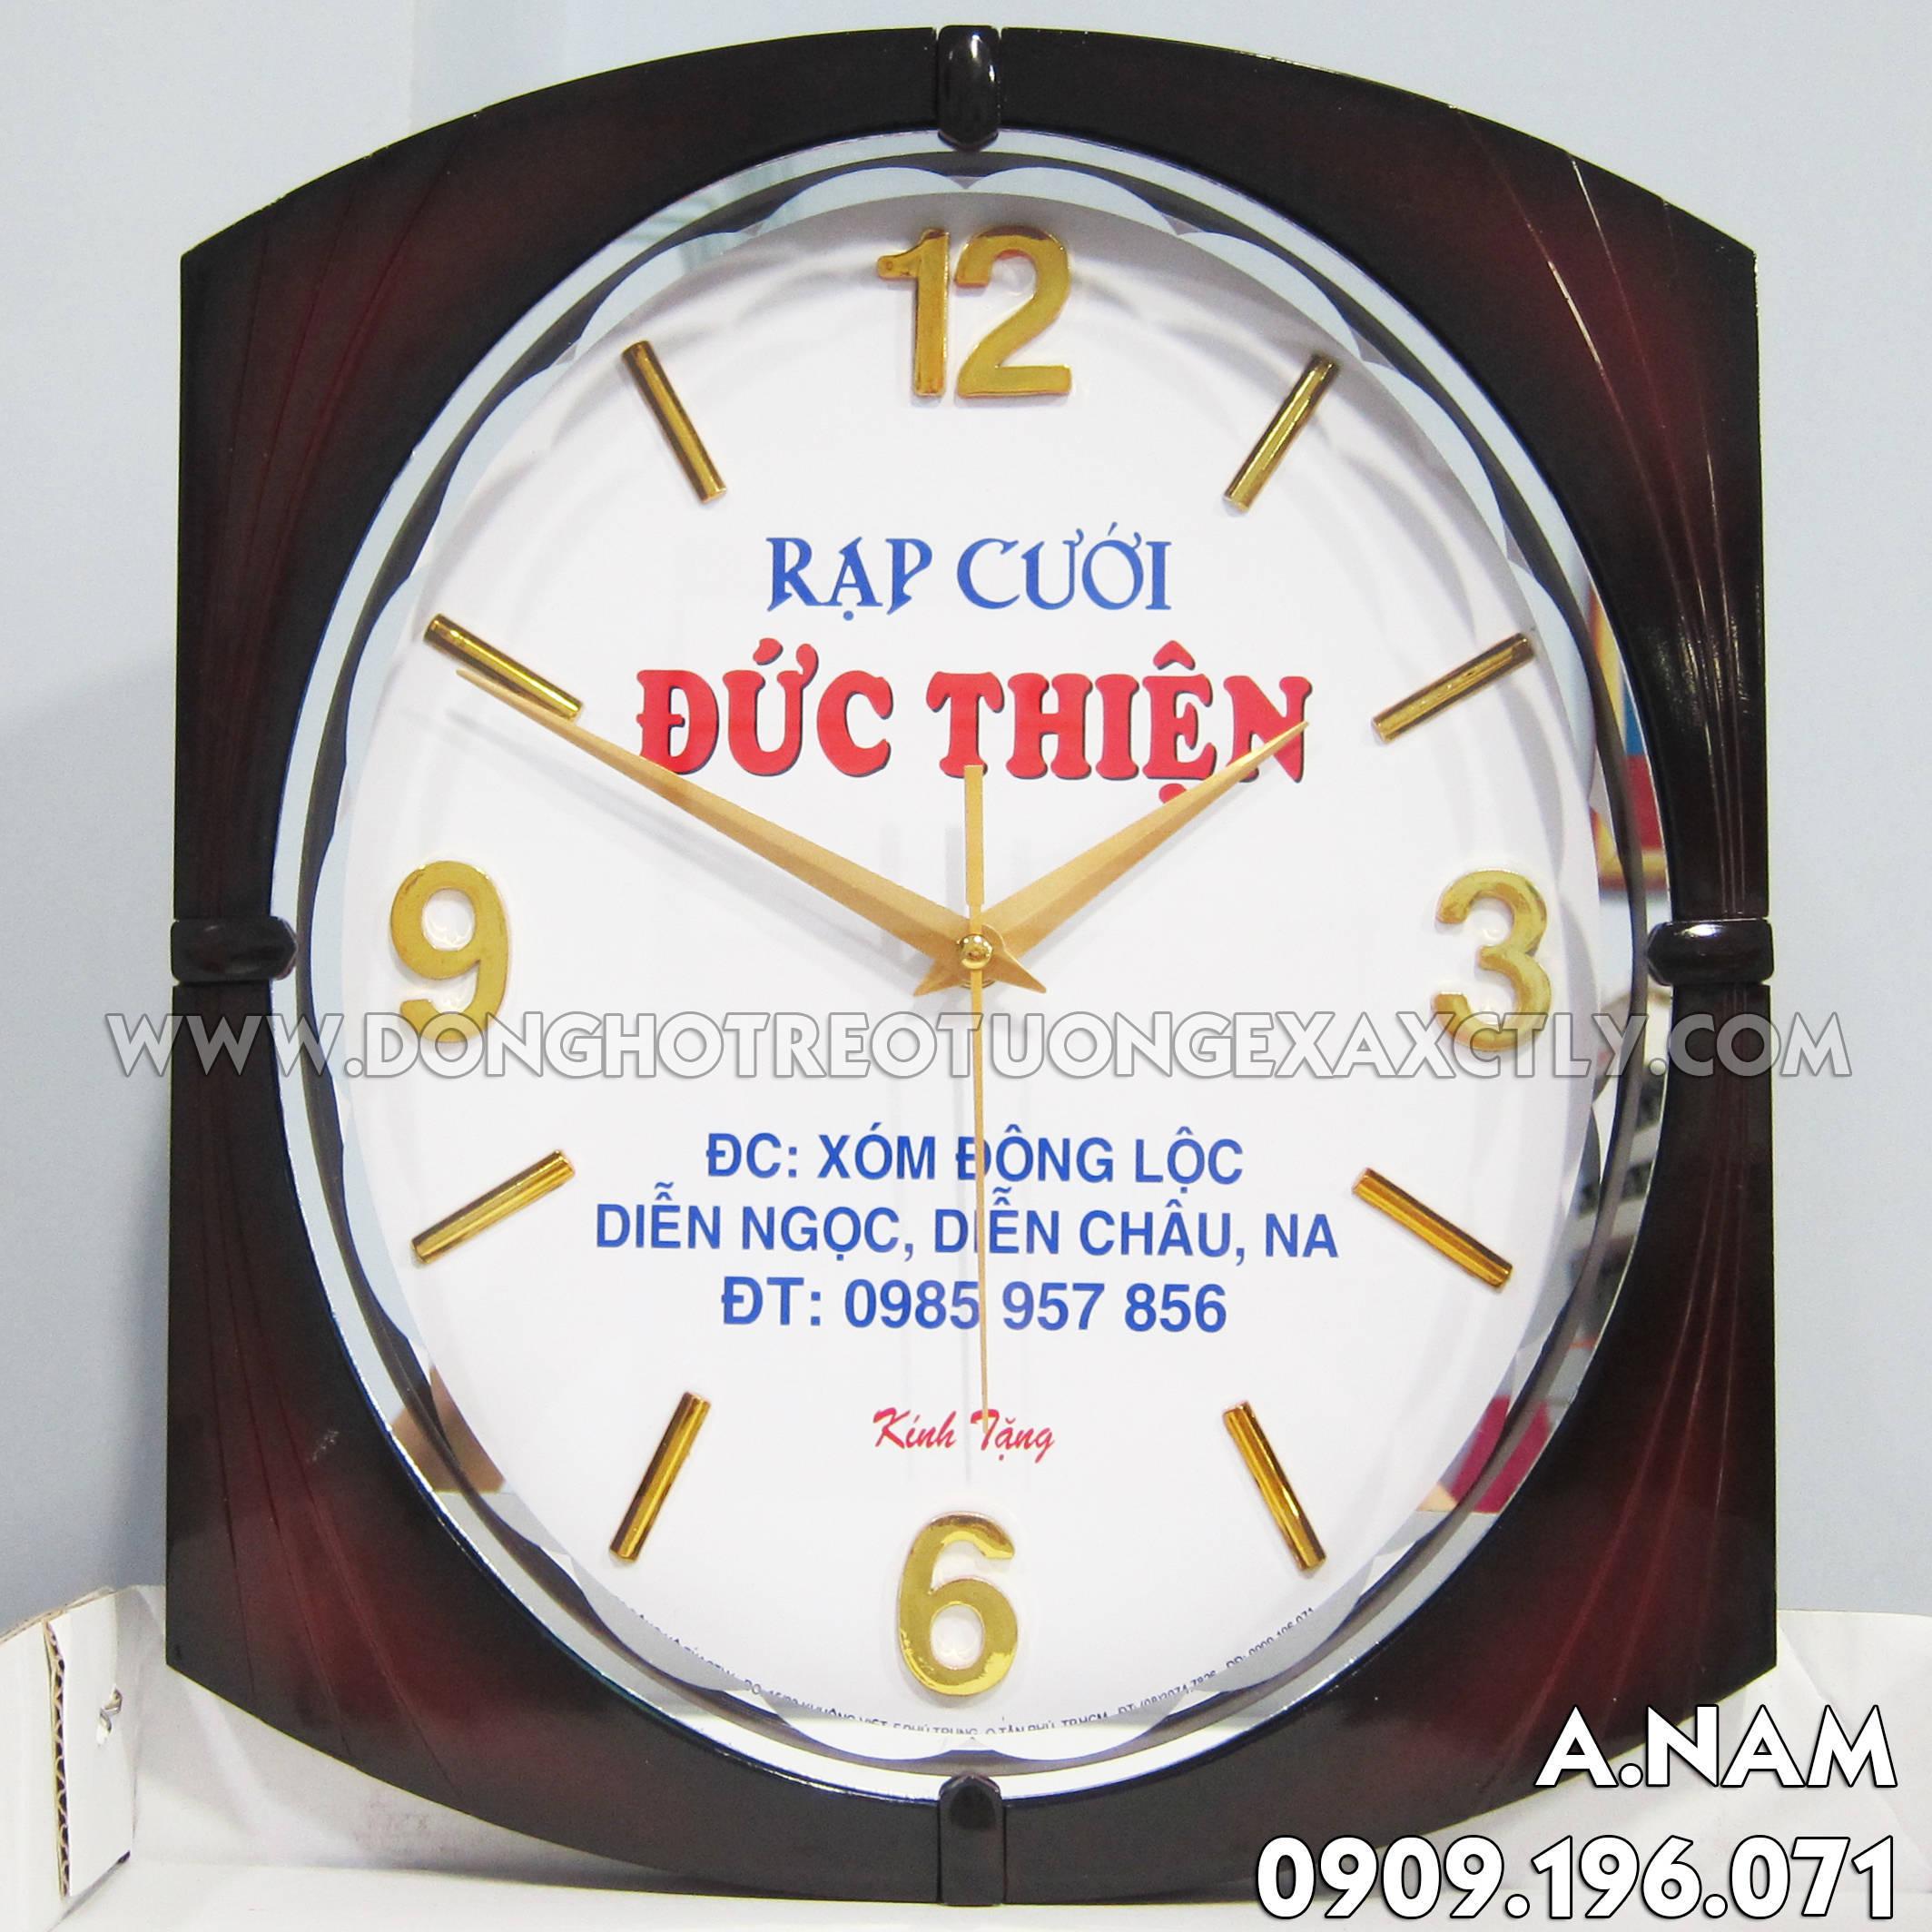 đồng hồ treo tường quà tặng lễ tiệc rạp cưới đức thiện nghệ an